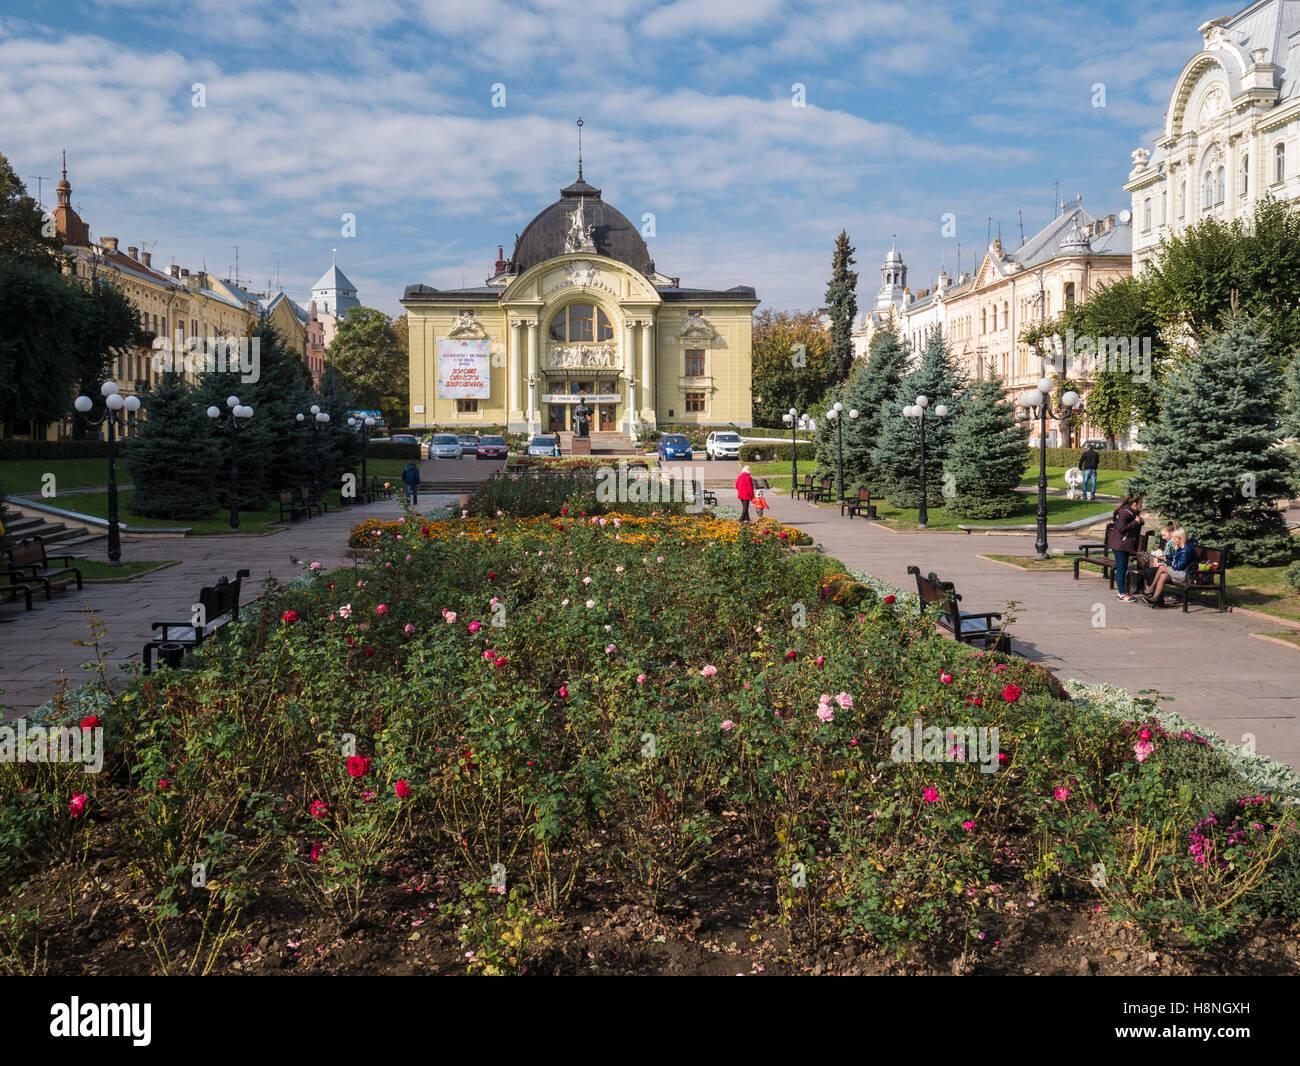 Splendidi edifici che circondano la piazza Teatralina in Chernivtsi, Ucraina. Le rose sono in fiore nel centro Foto Stock